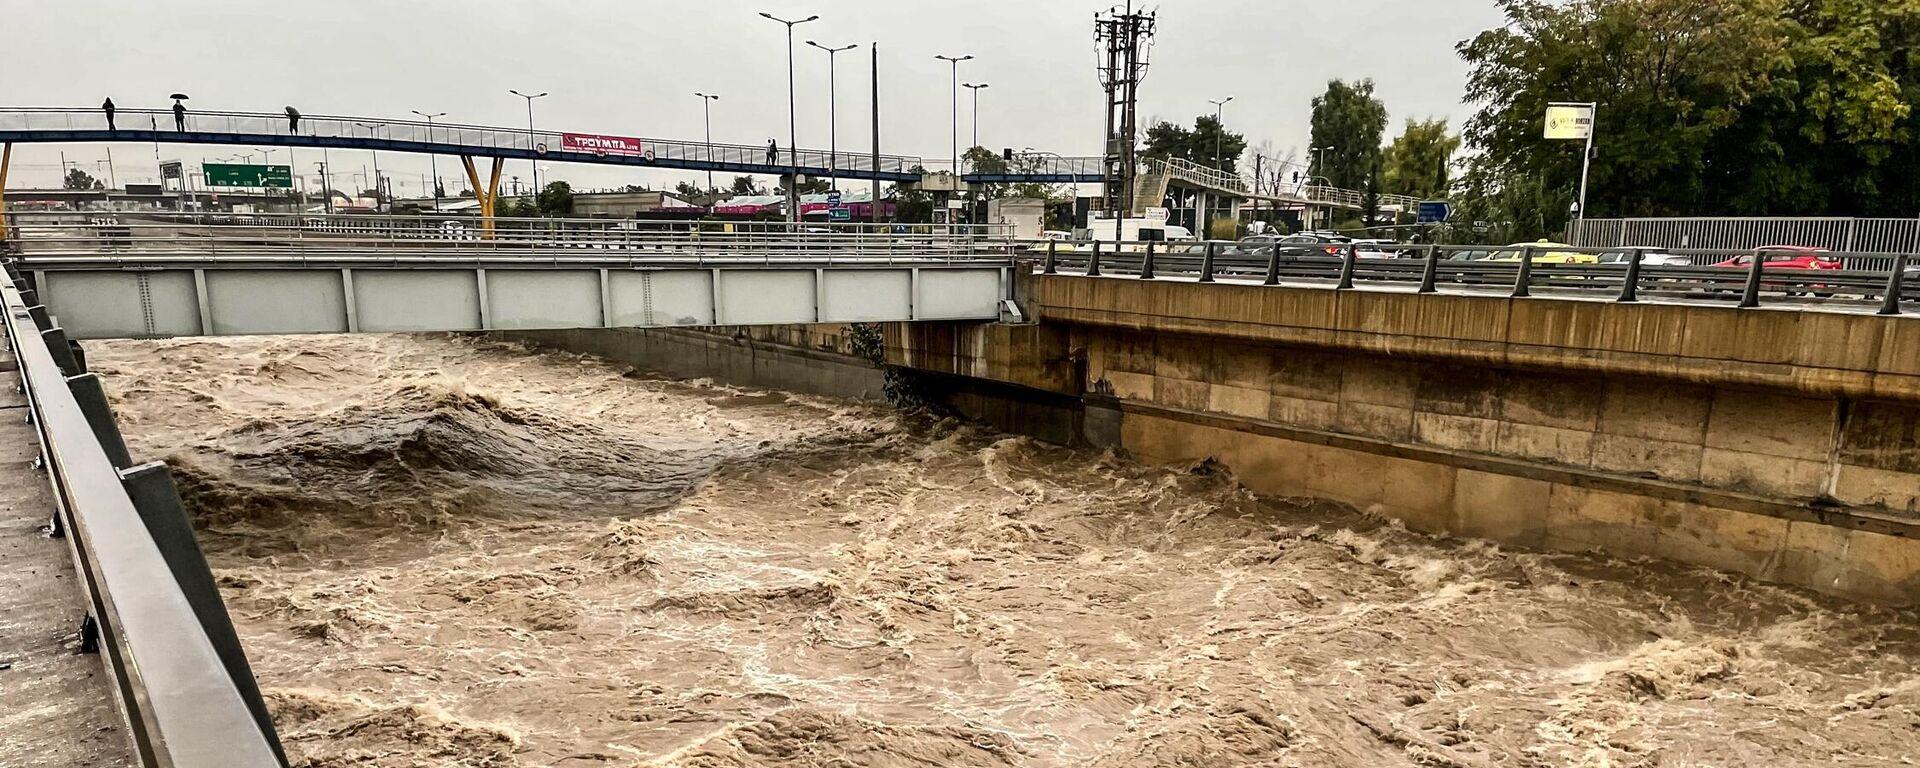 Εκτεταμένες πλημμύρες έπειτα από το πέρασμα της κακοκαιρίας  - Sputnik Ελλάδα, 1920, 14.10.2021